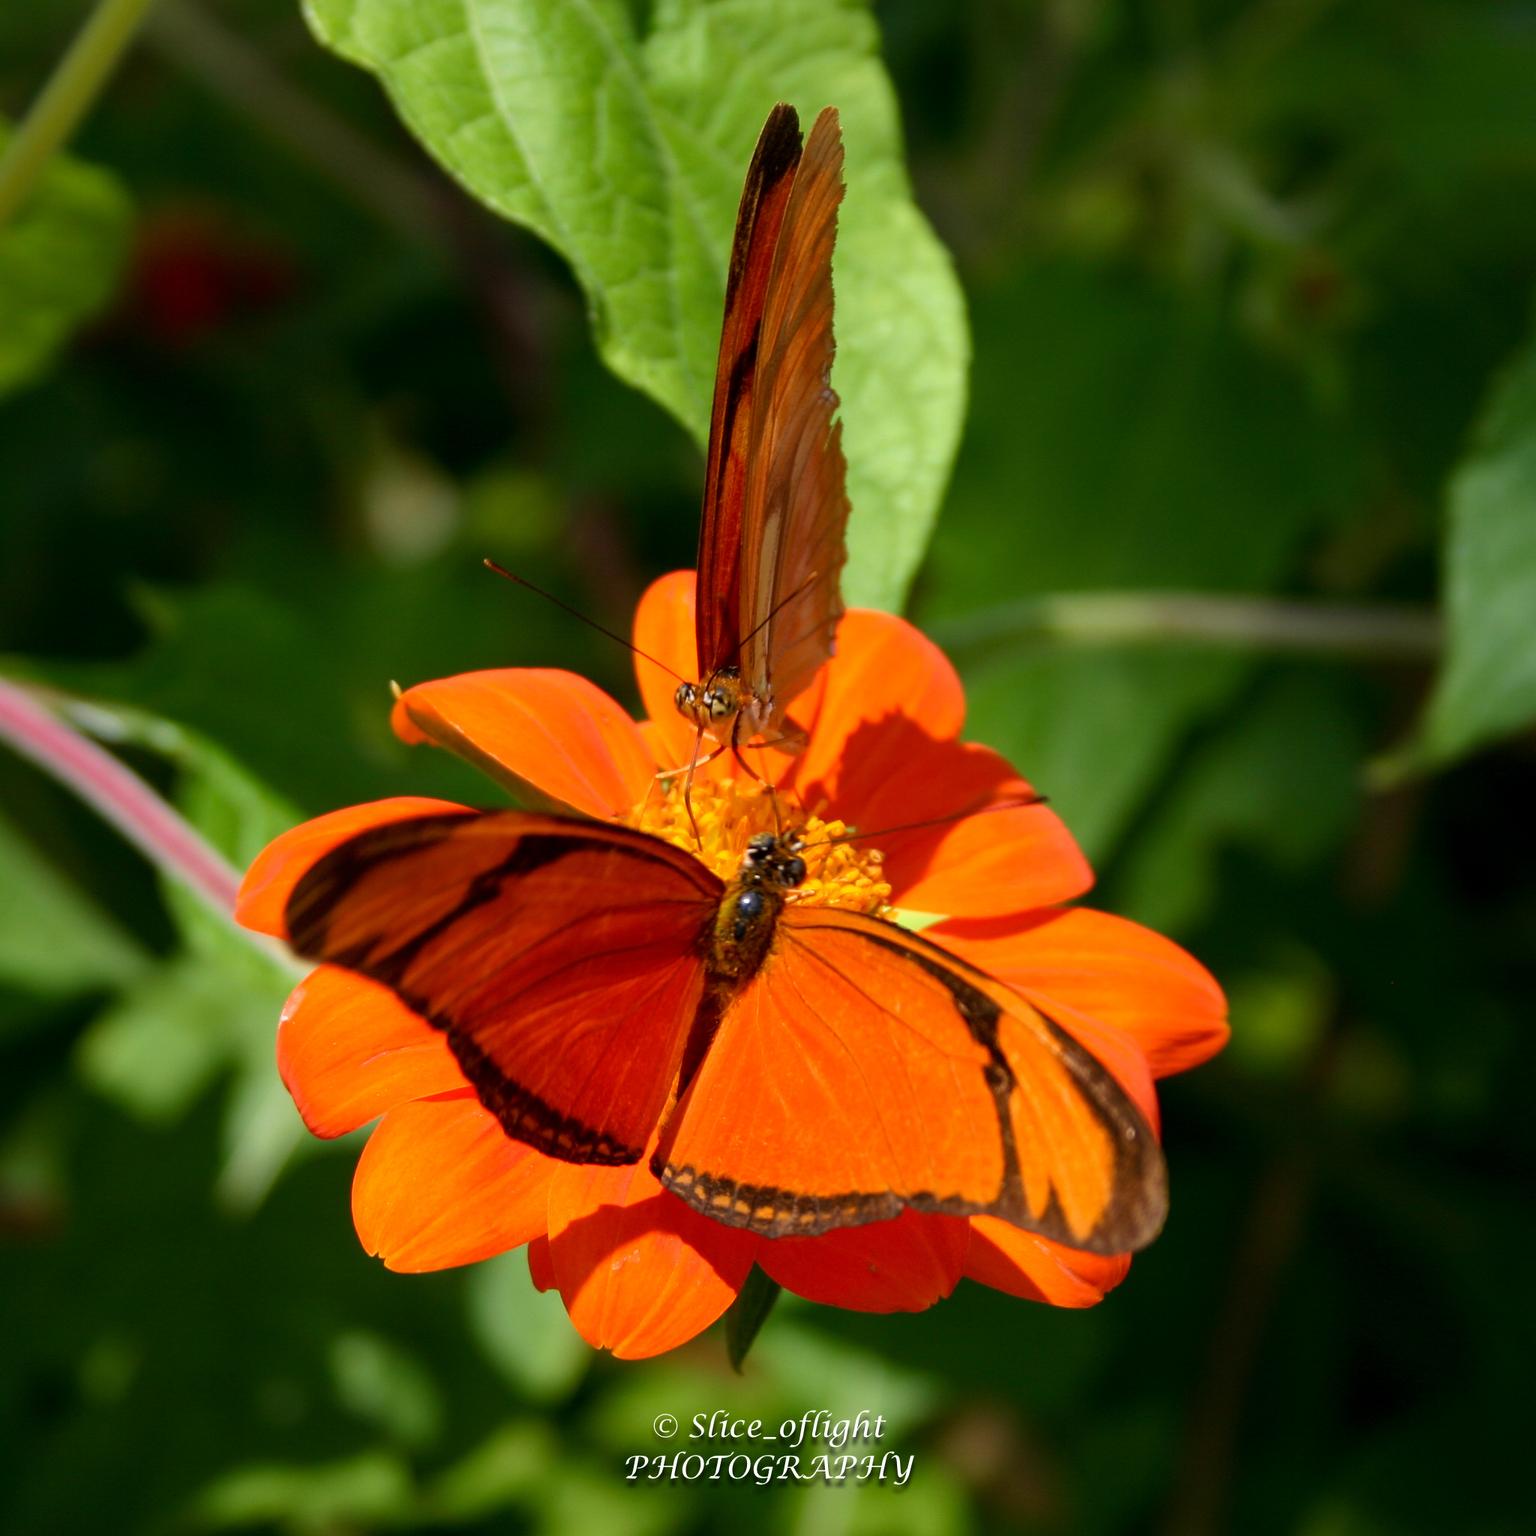 Oranje Passiebloem vlinder - De lente is er (bijna). Een heerlijk oranje setting met de Oranje Passiebloemvlinder - foto door GJH1970 op 10-04-2021 - locatie: 2470 Retie, België - deze foto bevat: oranje, passiebloemvlinder, vlinder, lente, bloem, bestuiver, insect, fabriek, vlinder, geleedpotigen, bloemblaadje, motten en vlinders, oranje, eenjarige plant